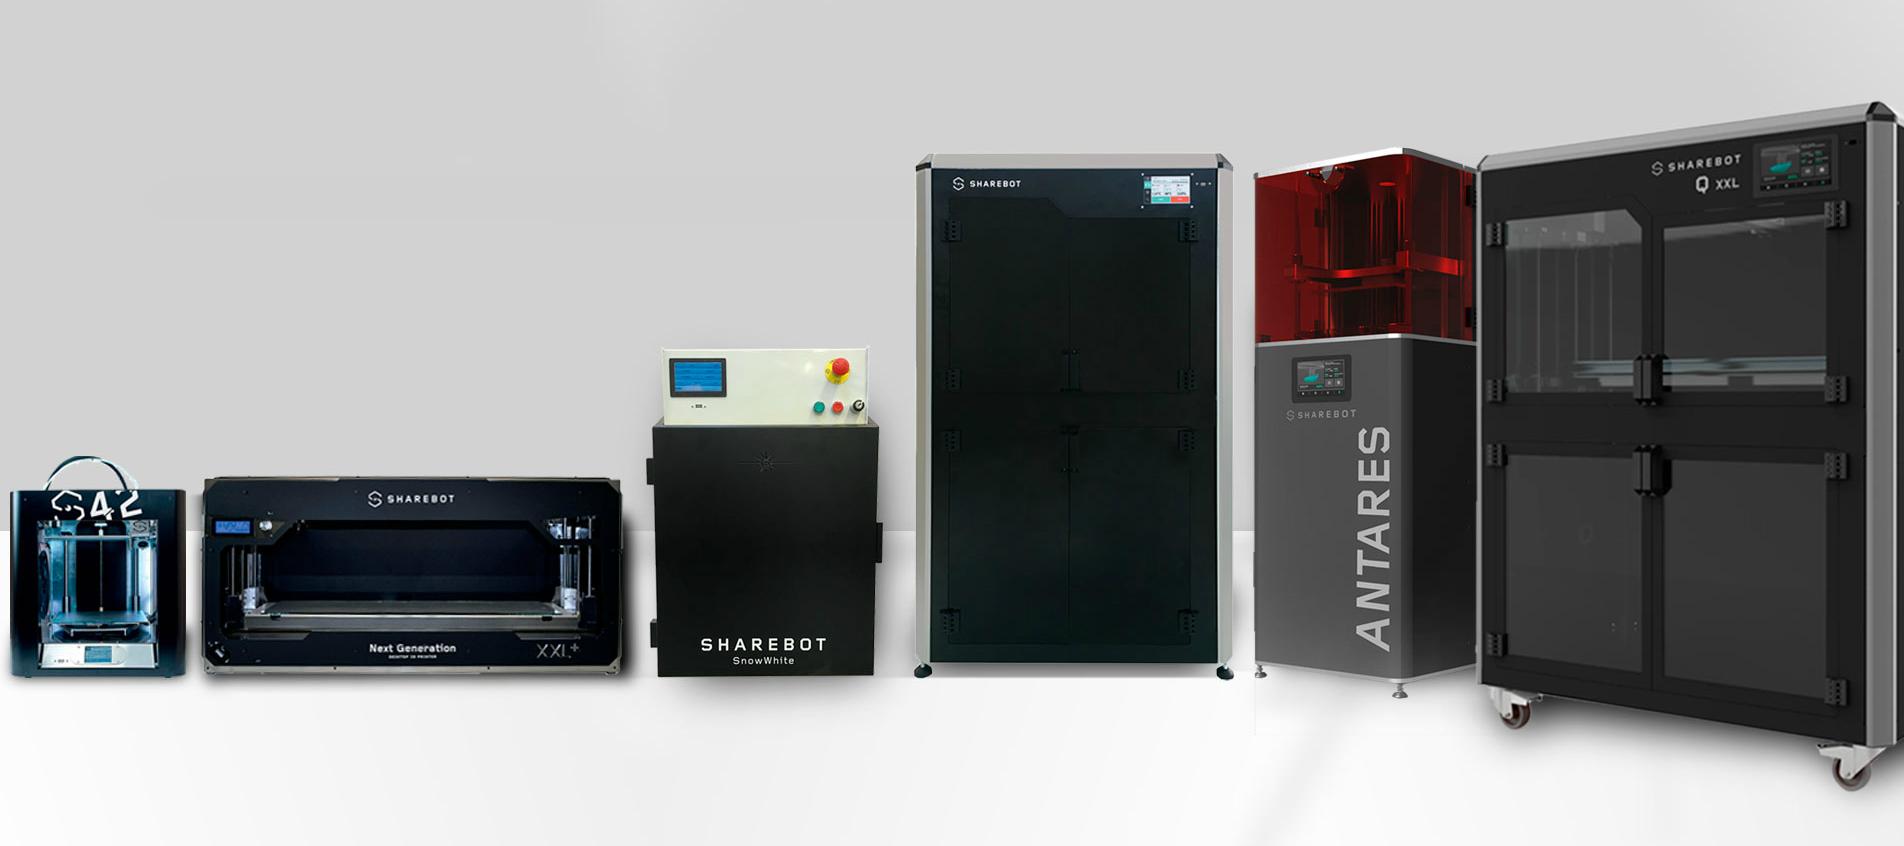 Home Sharebot Monza stampanti 3D Sharebot professionali